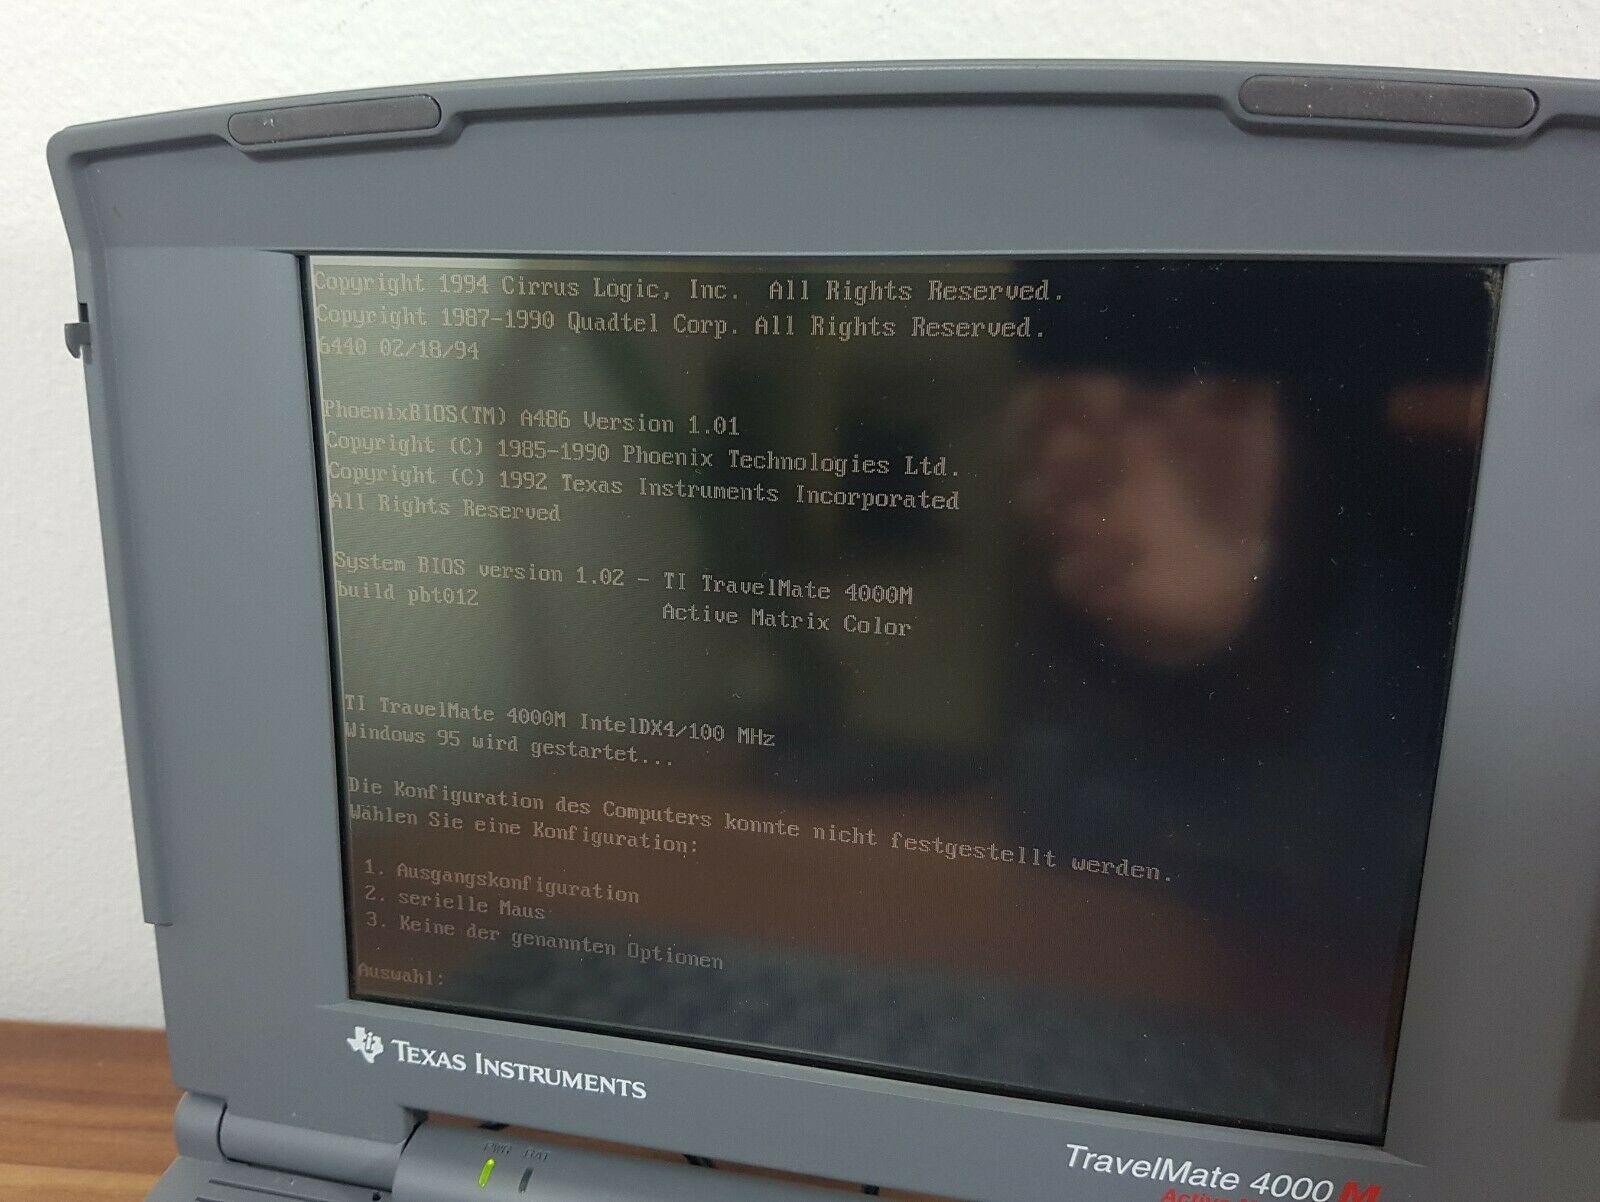 Компьютерные бренды 90-х - 99